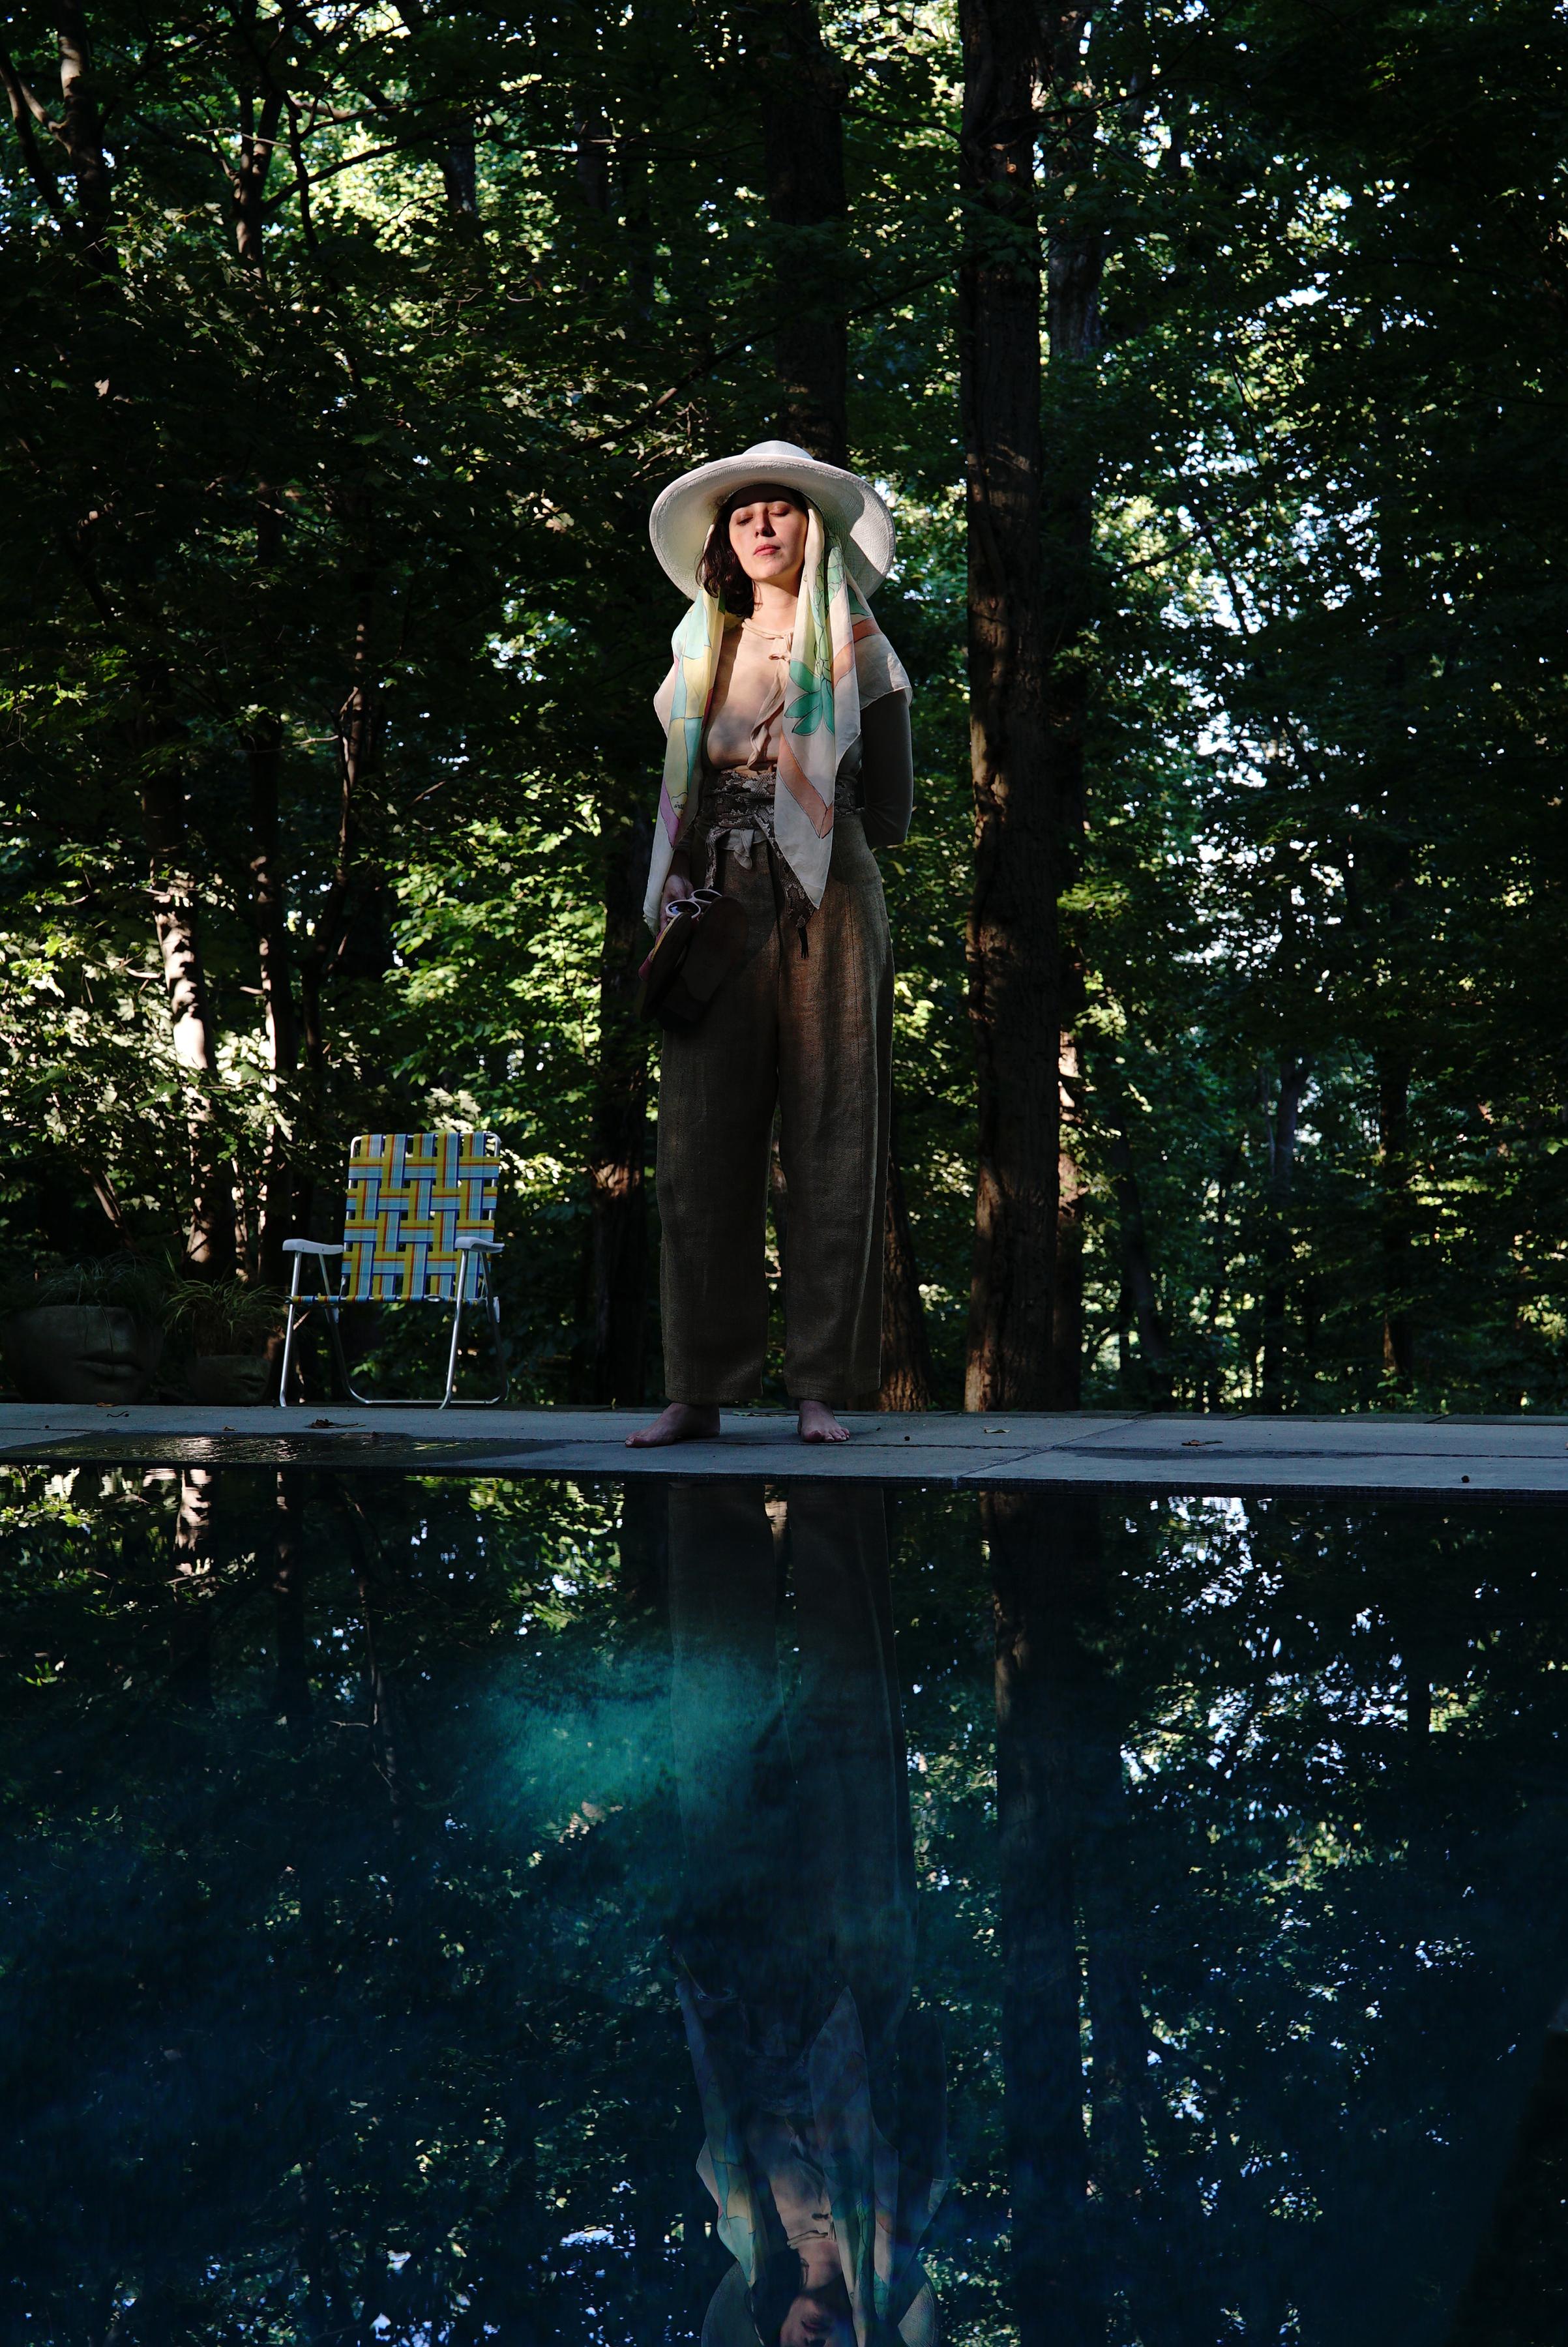 Maria Usbeck stands near a pond